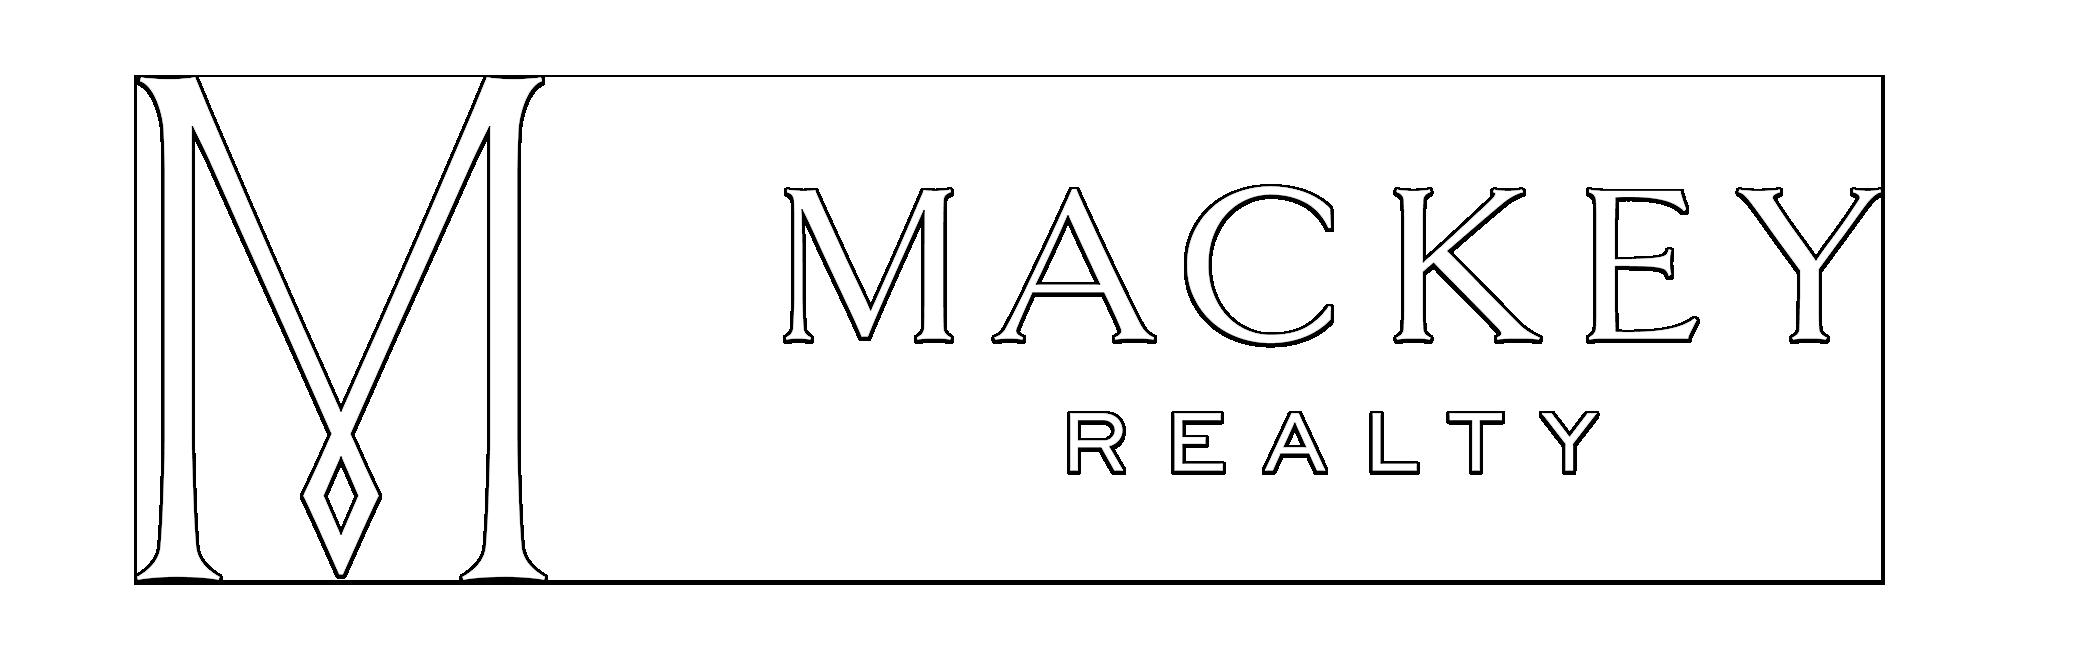 Mackey Realty